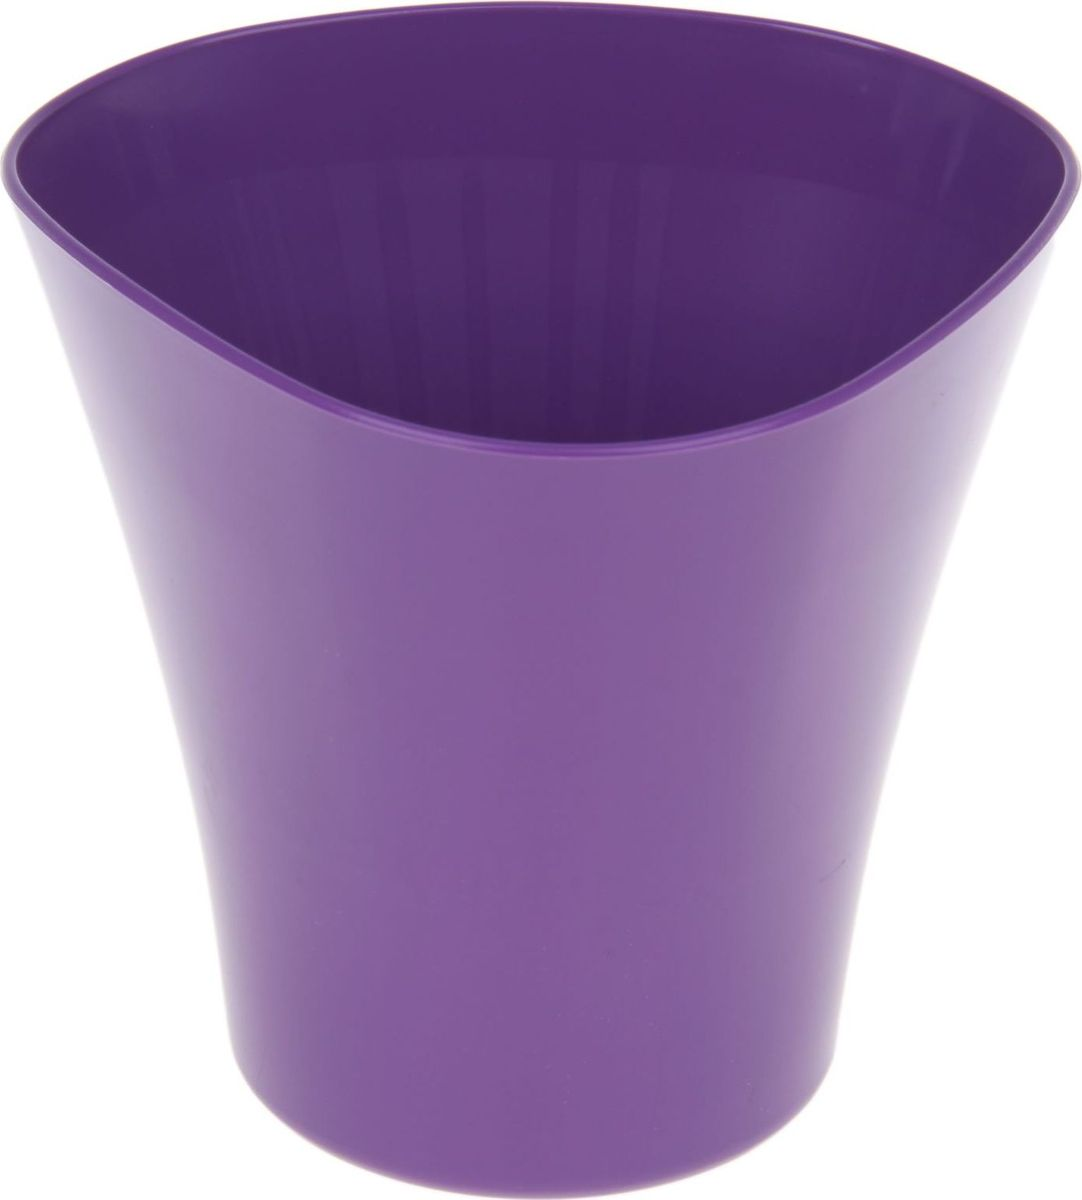 Кашпо JetPlast Волна, цвет: фиолетовый, 1,5 л531-103Кашпо Волна имеет уникальную форму, сочетающуюся как с классическим, так и с современным дизайном интерьера. Оно изготовлено из прочного полипропилена (пластика) и предназначено для выращивания растений, цветов и трав в домашних условиях. Такое кашпо порадует вас функциональностью, а благодаря лаконичному дизайну впишется в любой интерьер помещения. Объем кашпо: 1,5 л.